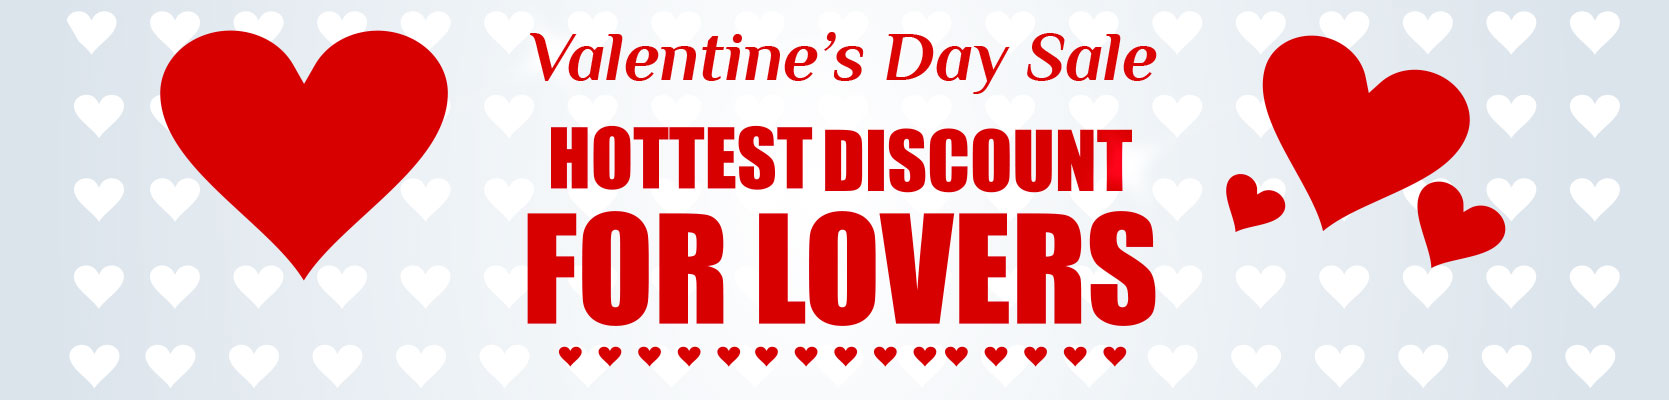 Valentine's Day Gift Ideas : Shop Valentines Gifts